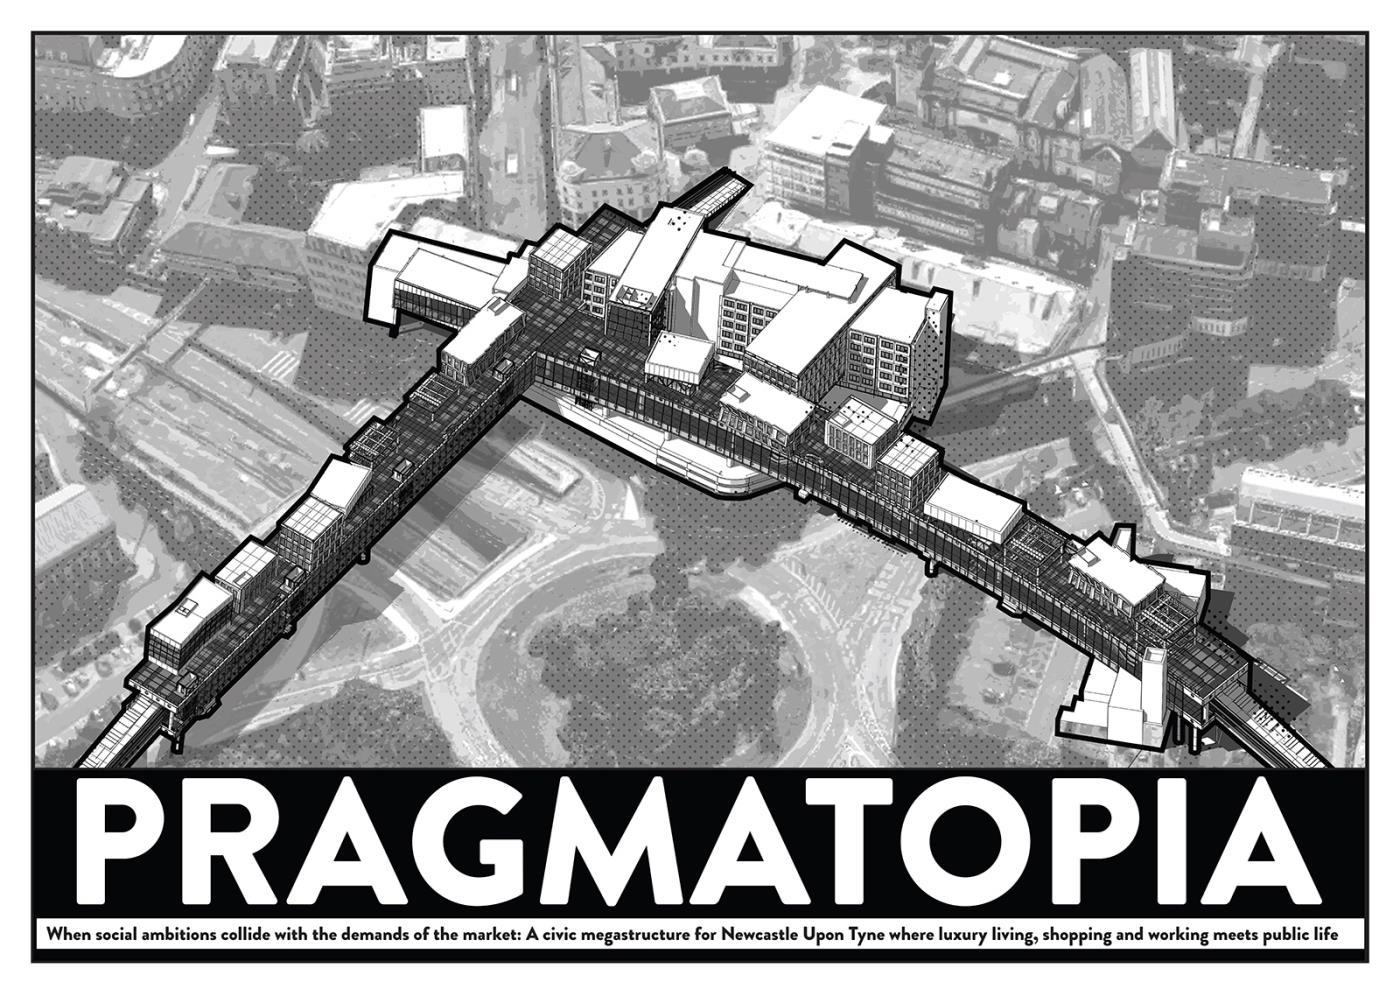 Pragmatopia